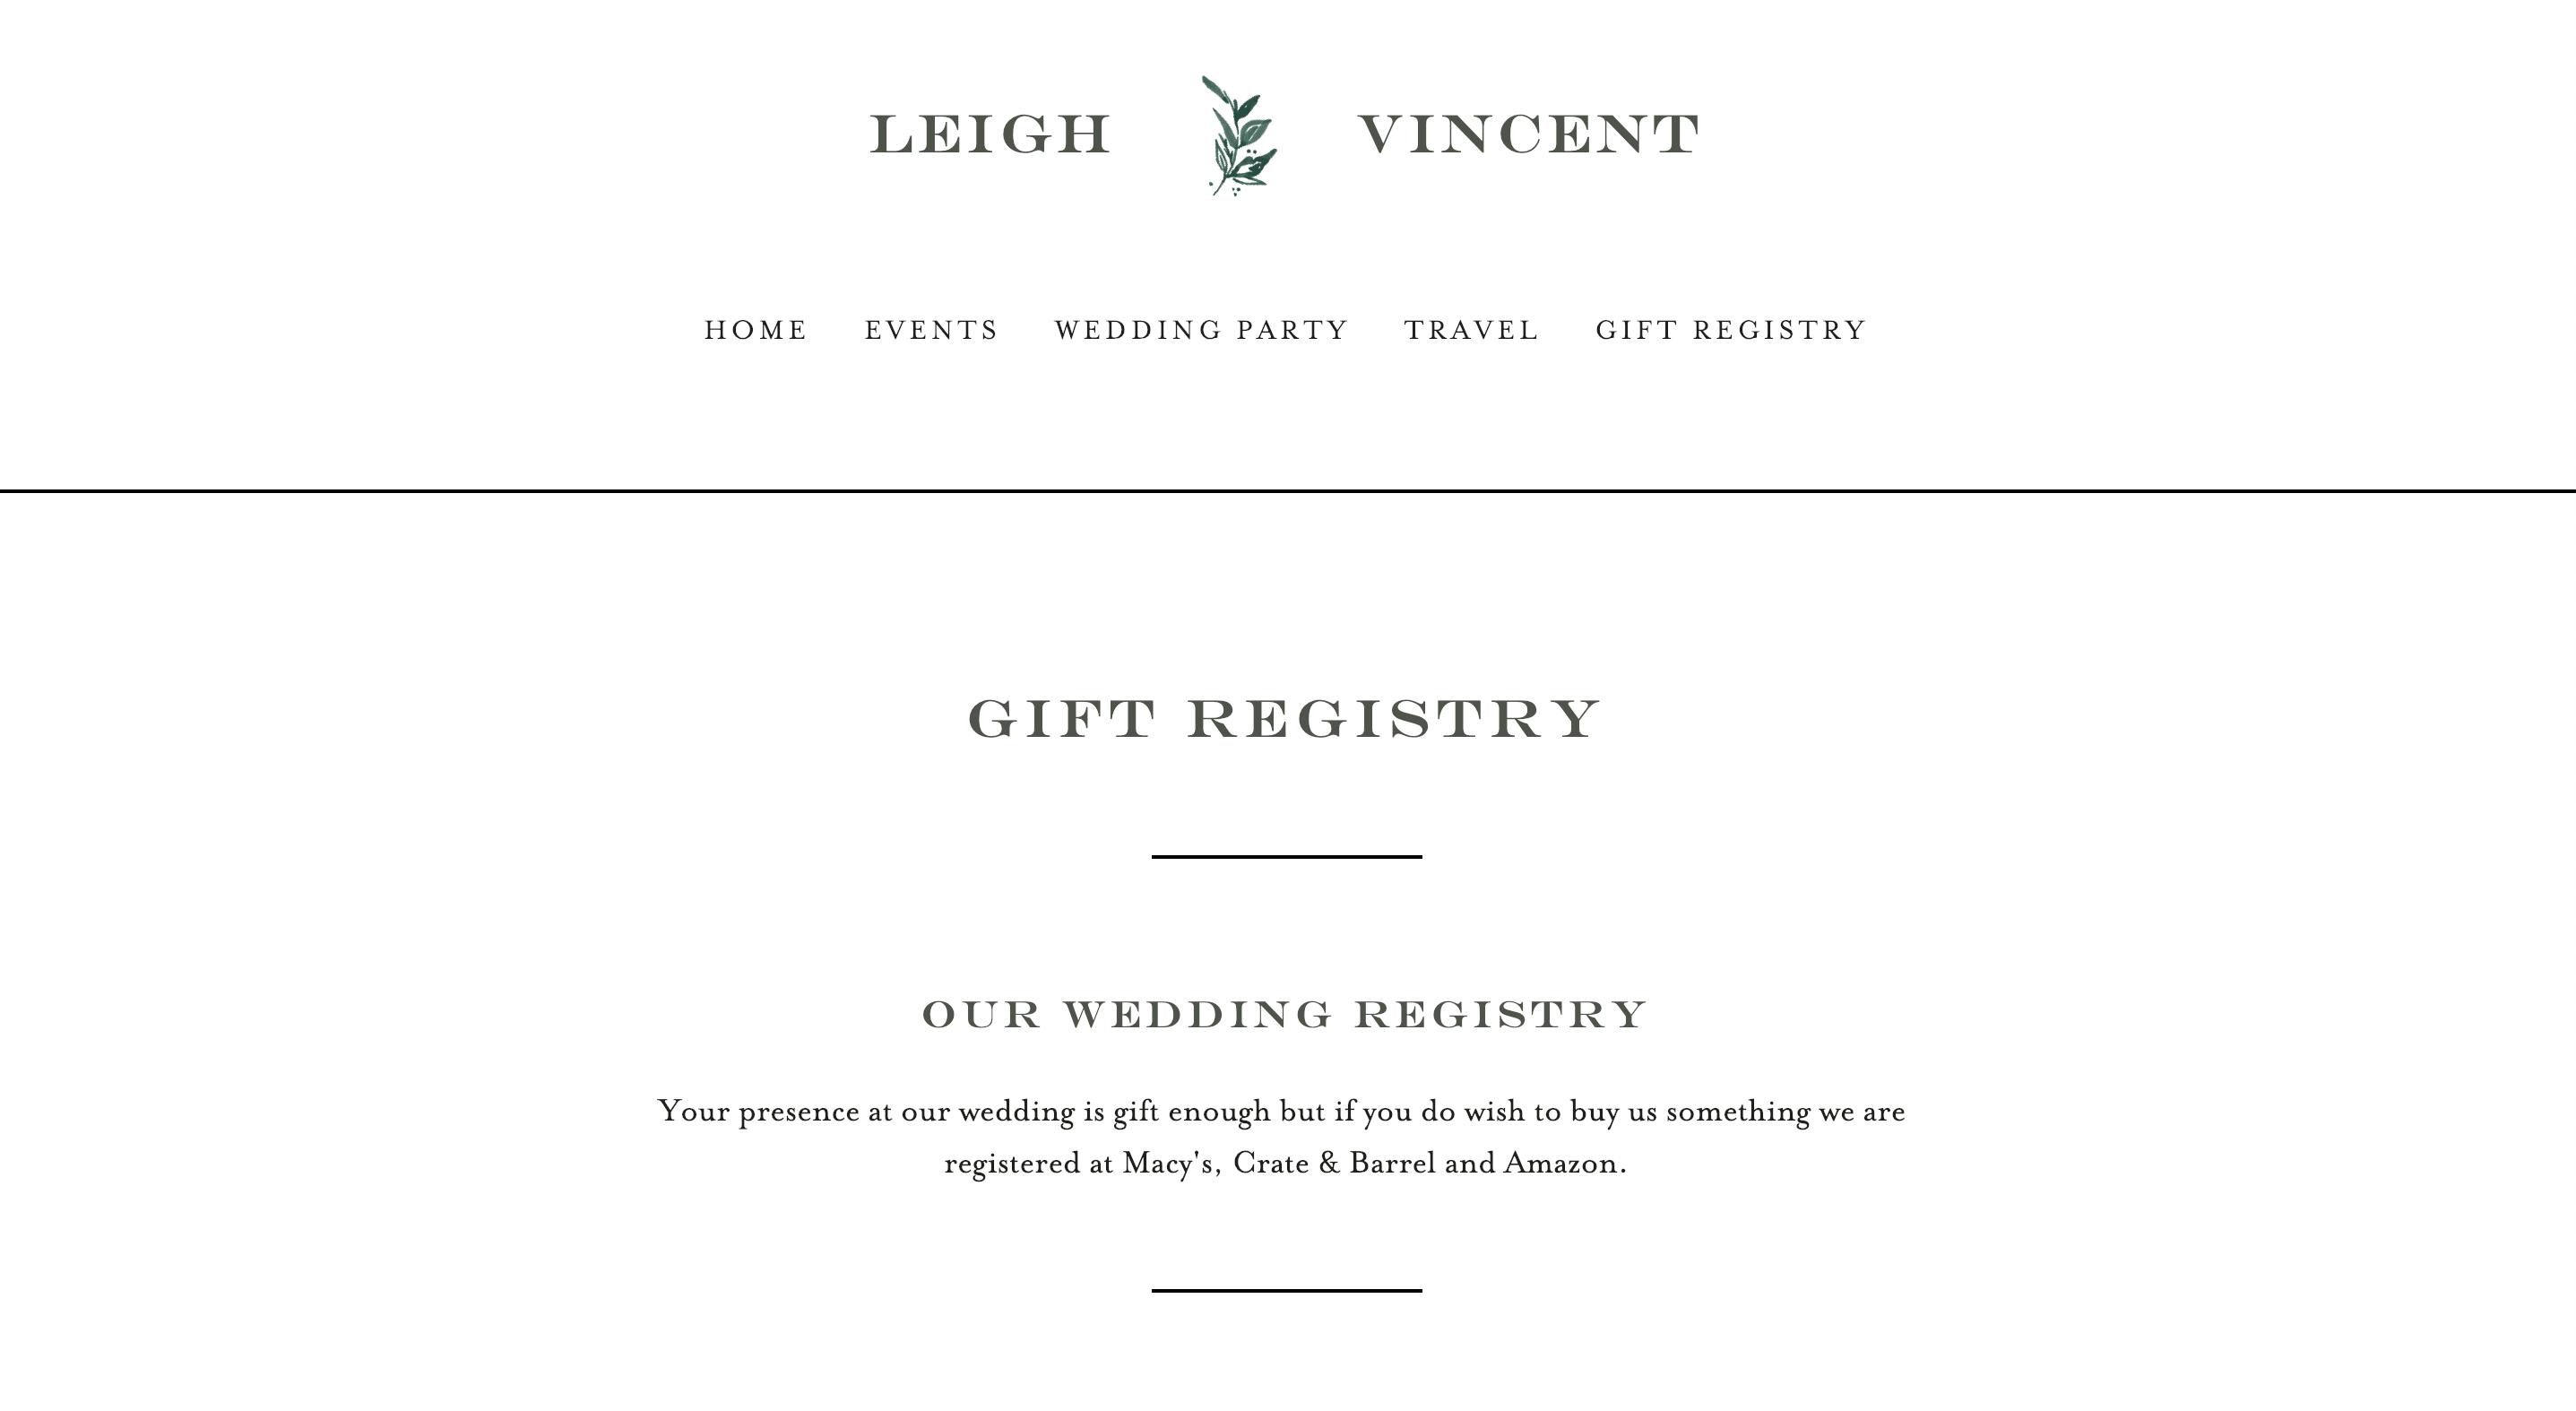 screenshot-leigh-vincent-wedding-registry